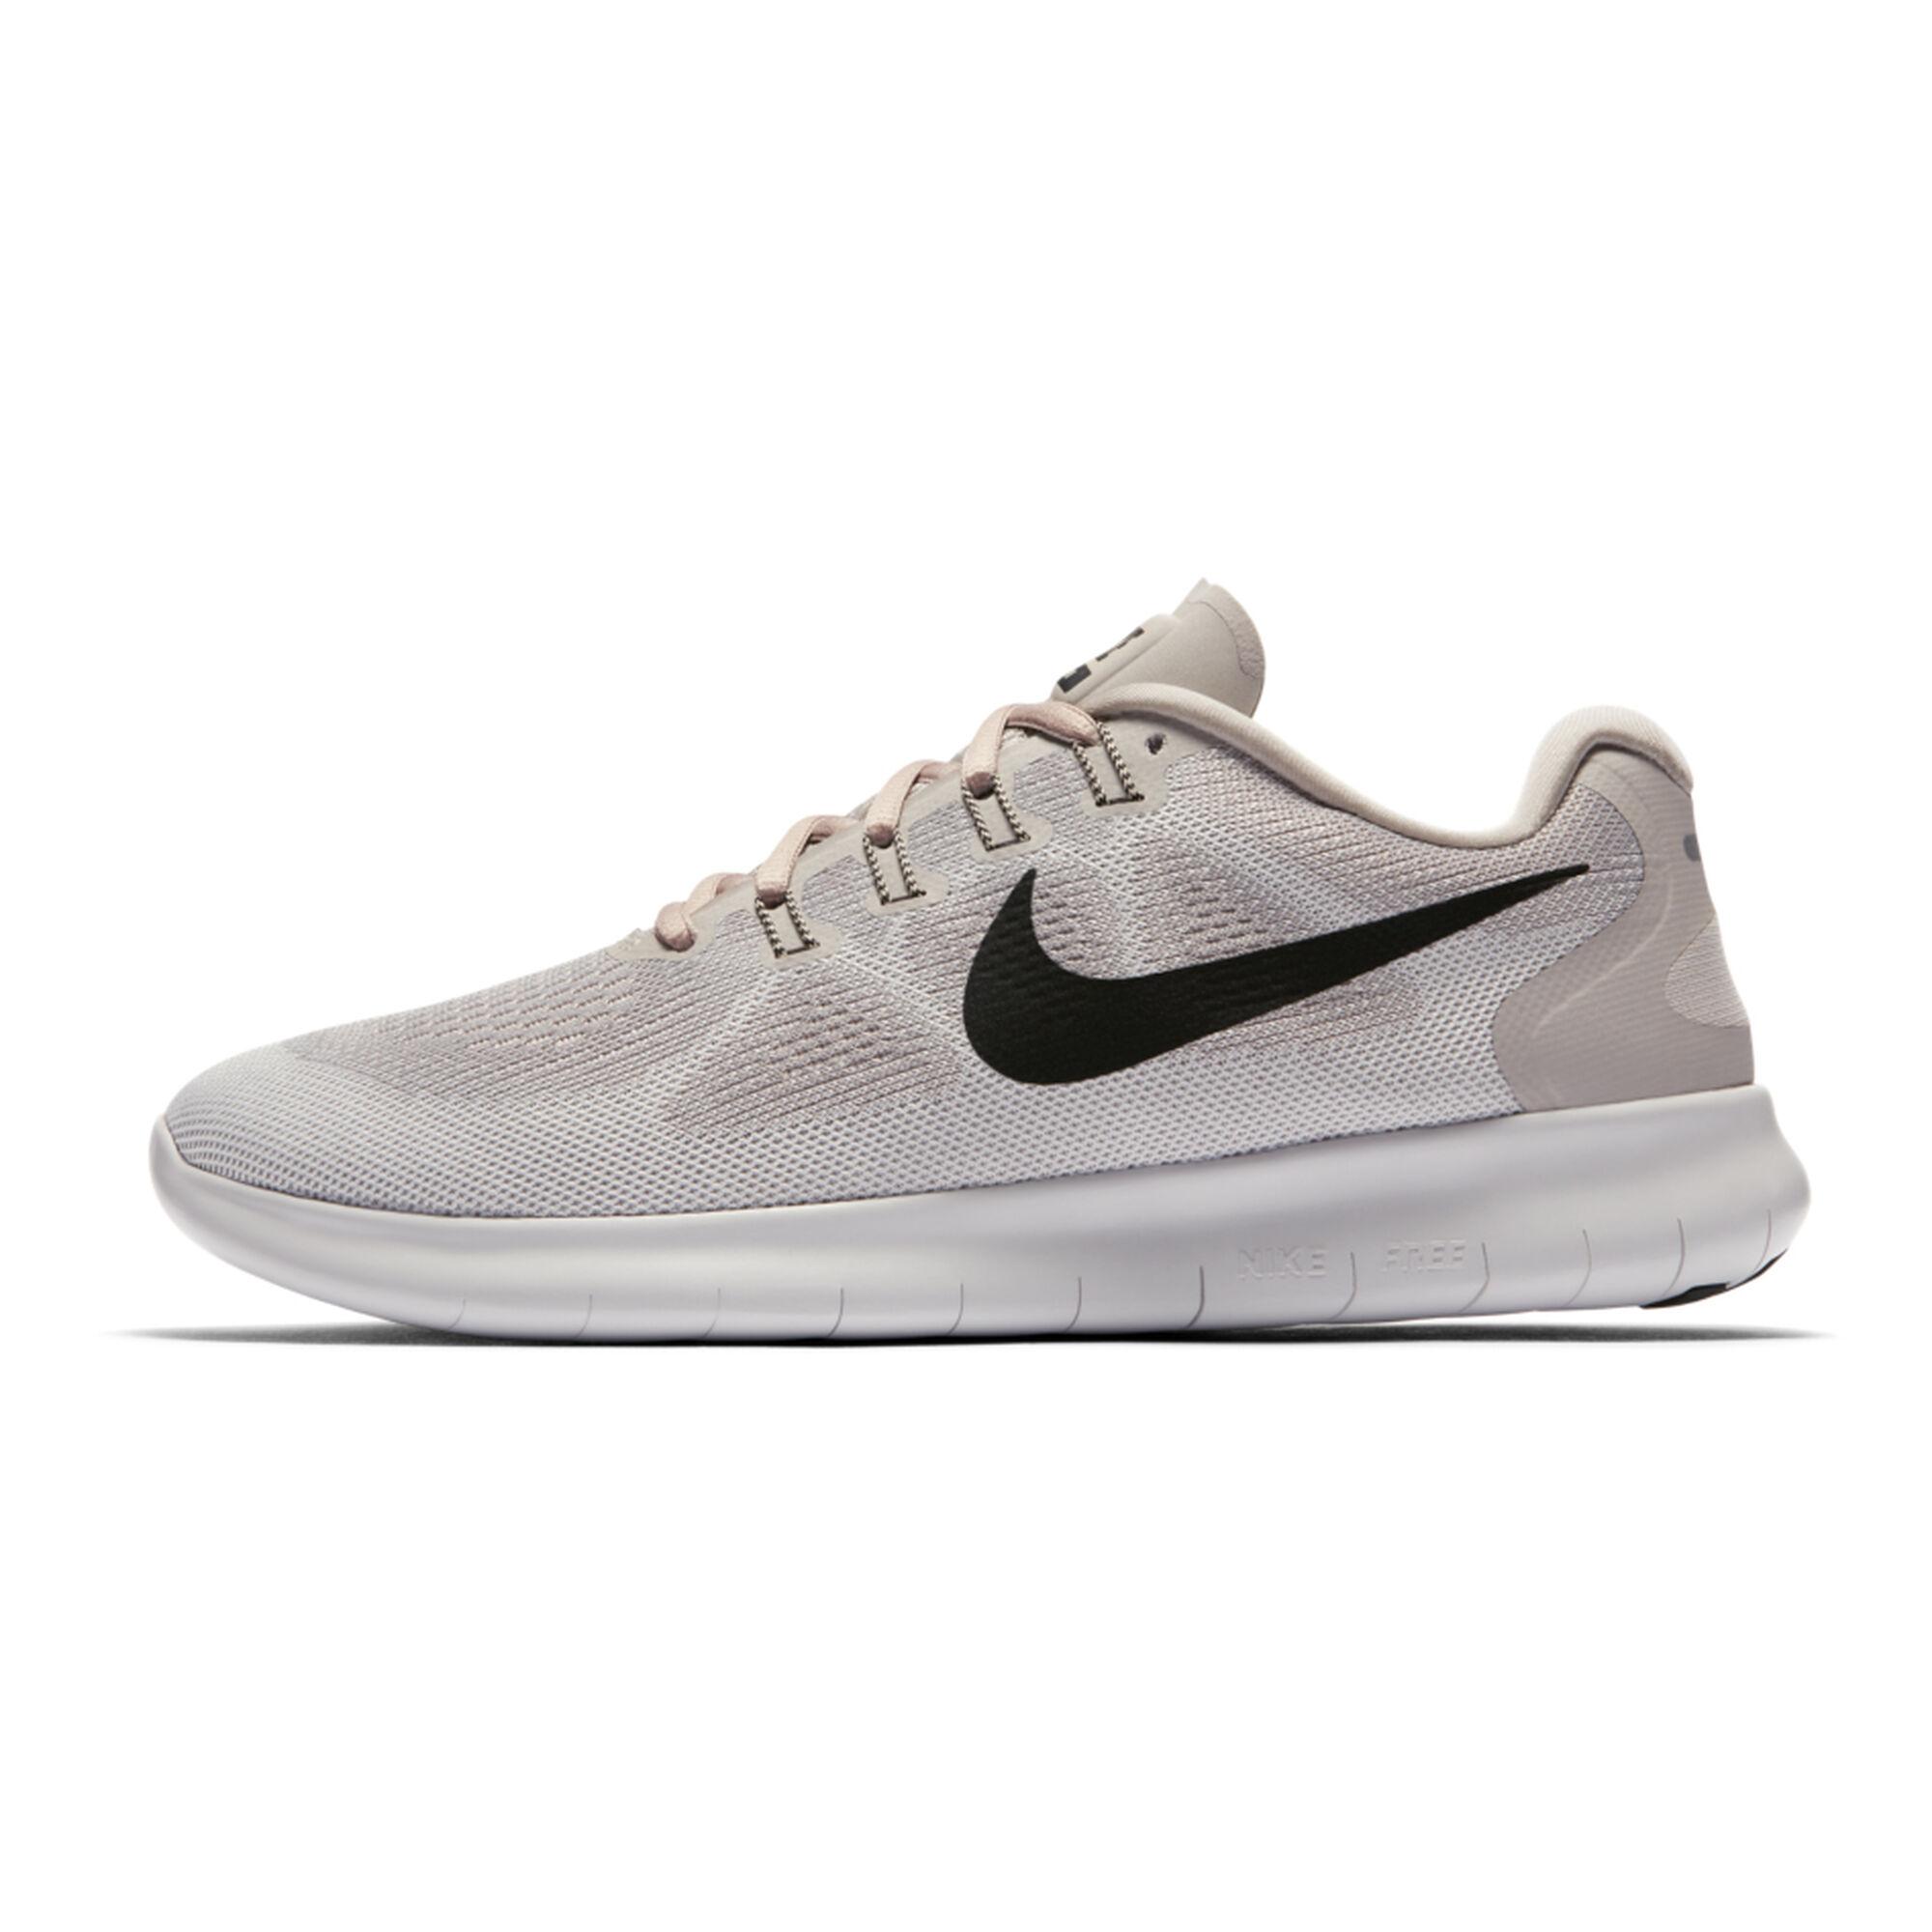 9d7e9d649642 buy Nike Free Run 2017 Natural Running Shoe Women - Cream